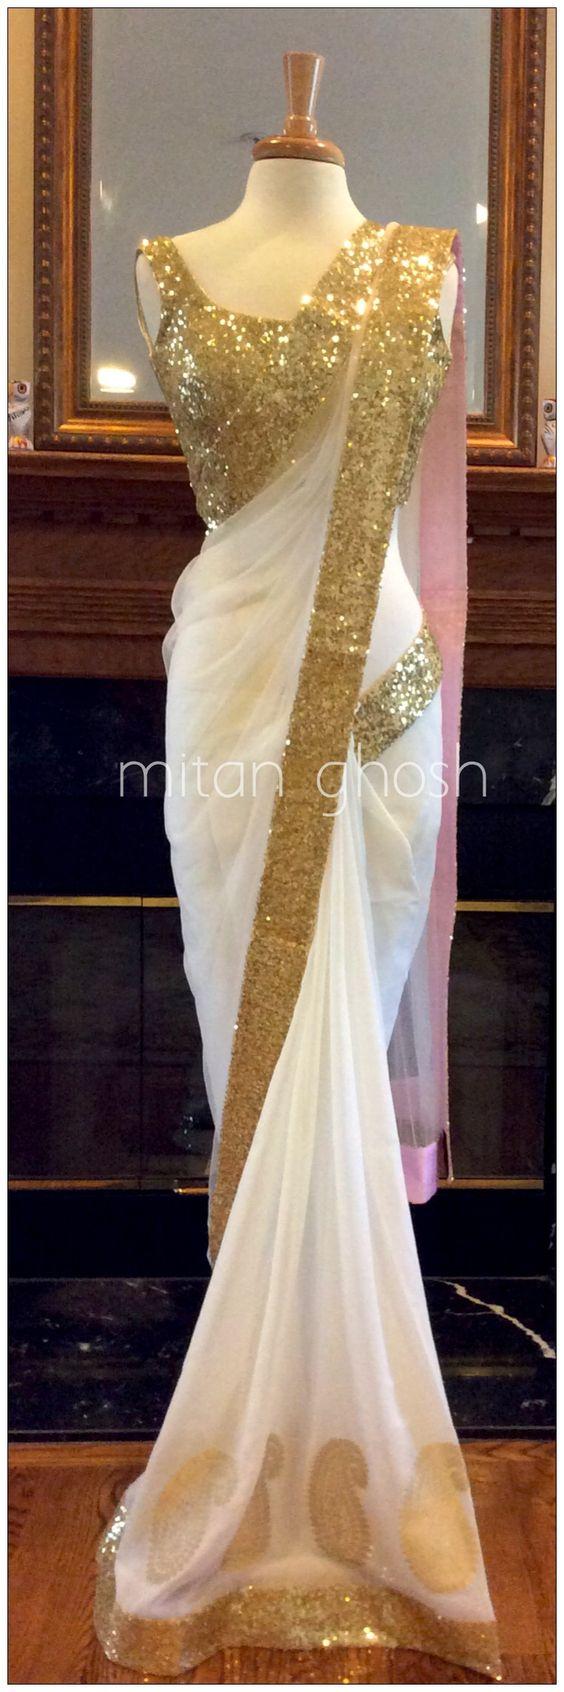 (black w dark gold sequins)  OMG #Gorgeous Cream & Gold #Saree by @MitanGhosh New Jersey https://www.facebook.com/mitan.ghoshrc